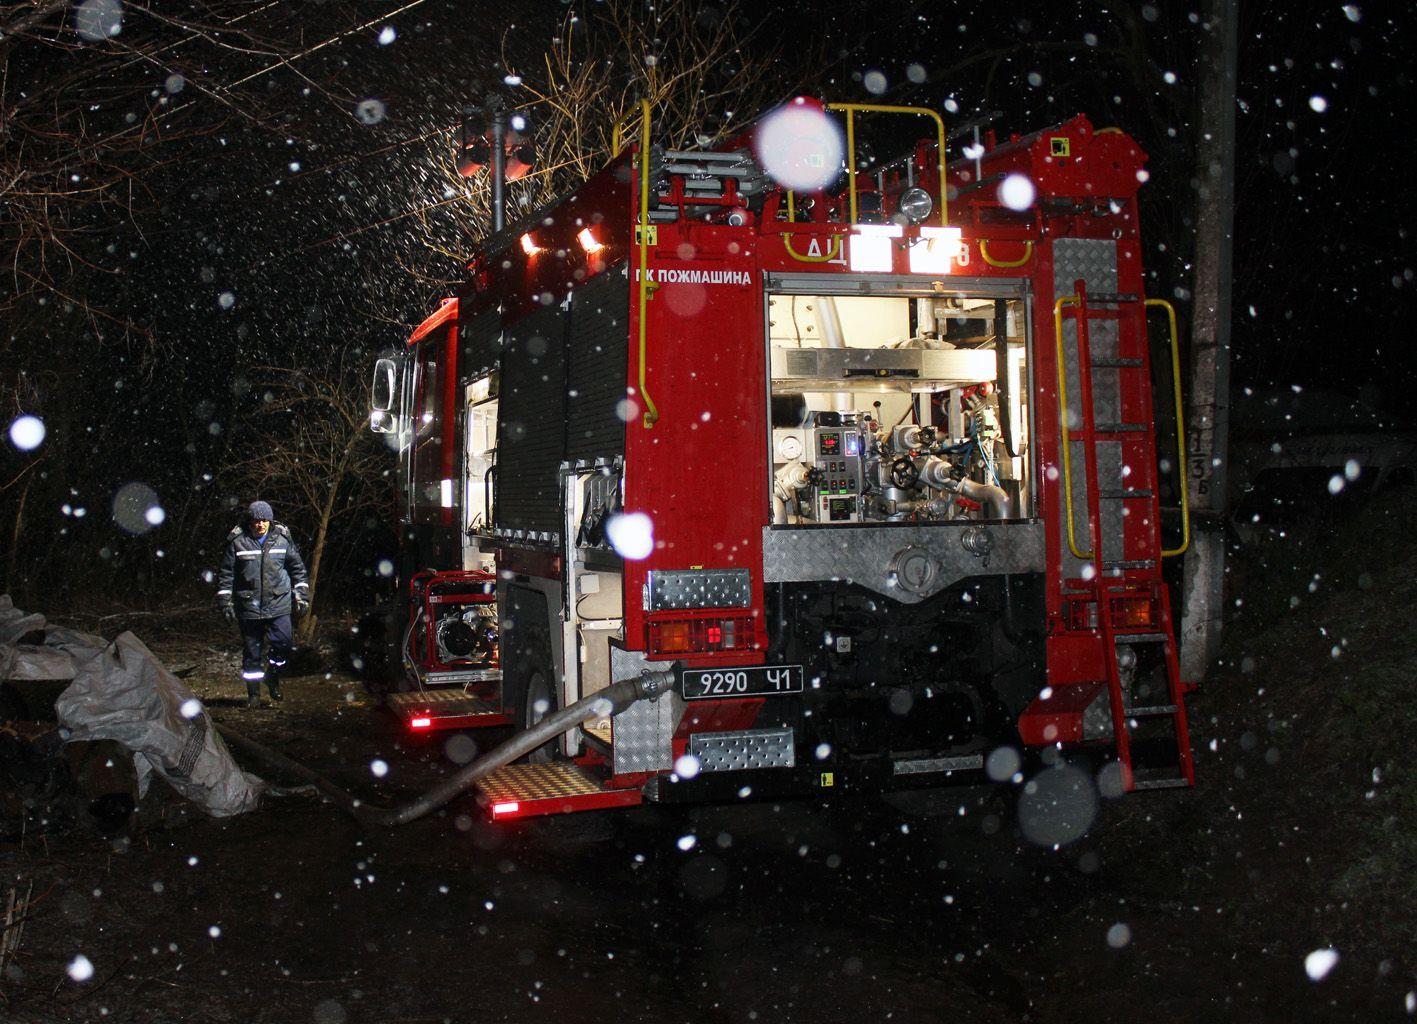 Пожарные ликвидировали возгорание вчера поздно вечером